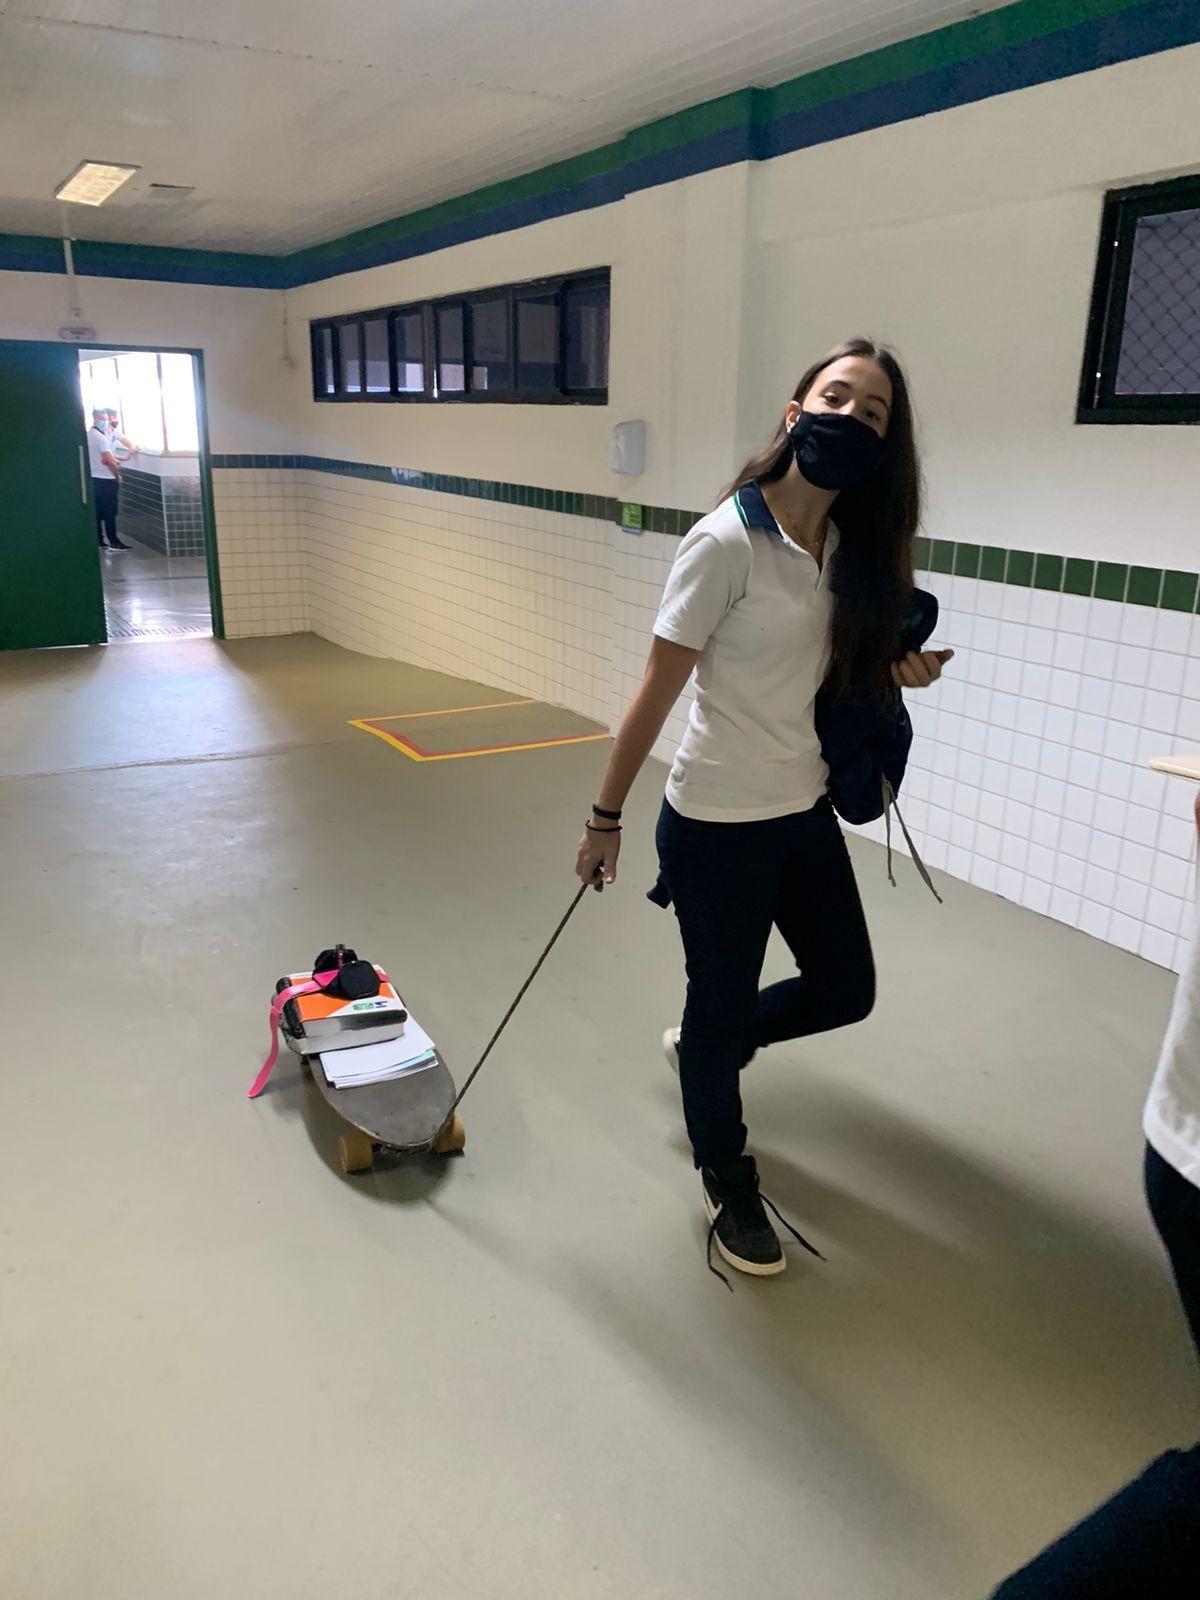 Estudantes promovem 'dia sem mochila' e vão à aula levando material de estudo em berço, skate e outras formas inusitadas, em Fortaleza